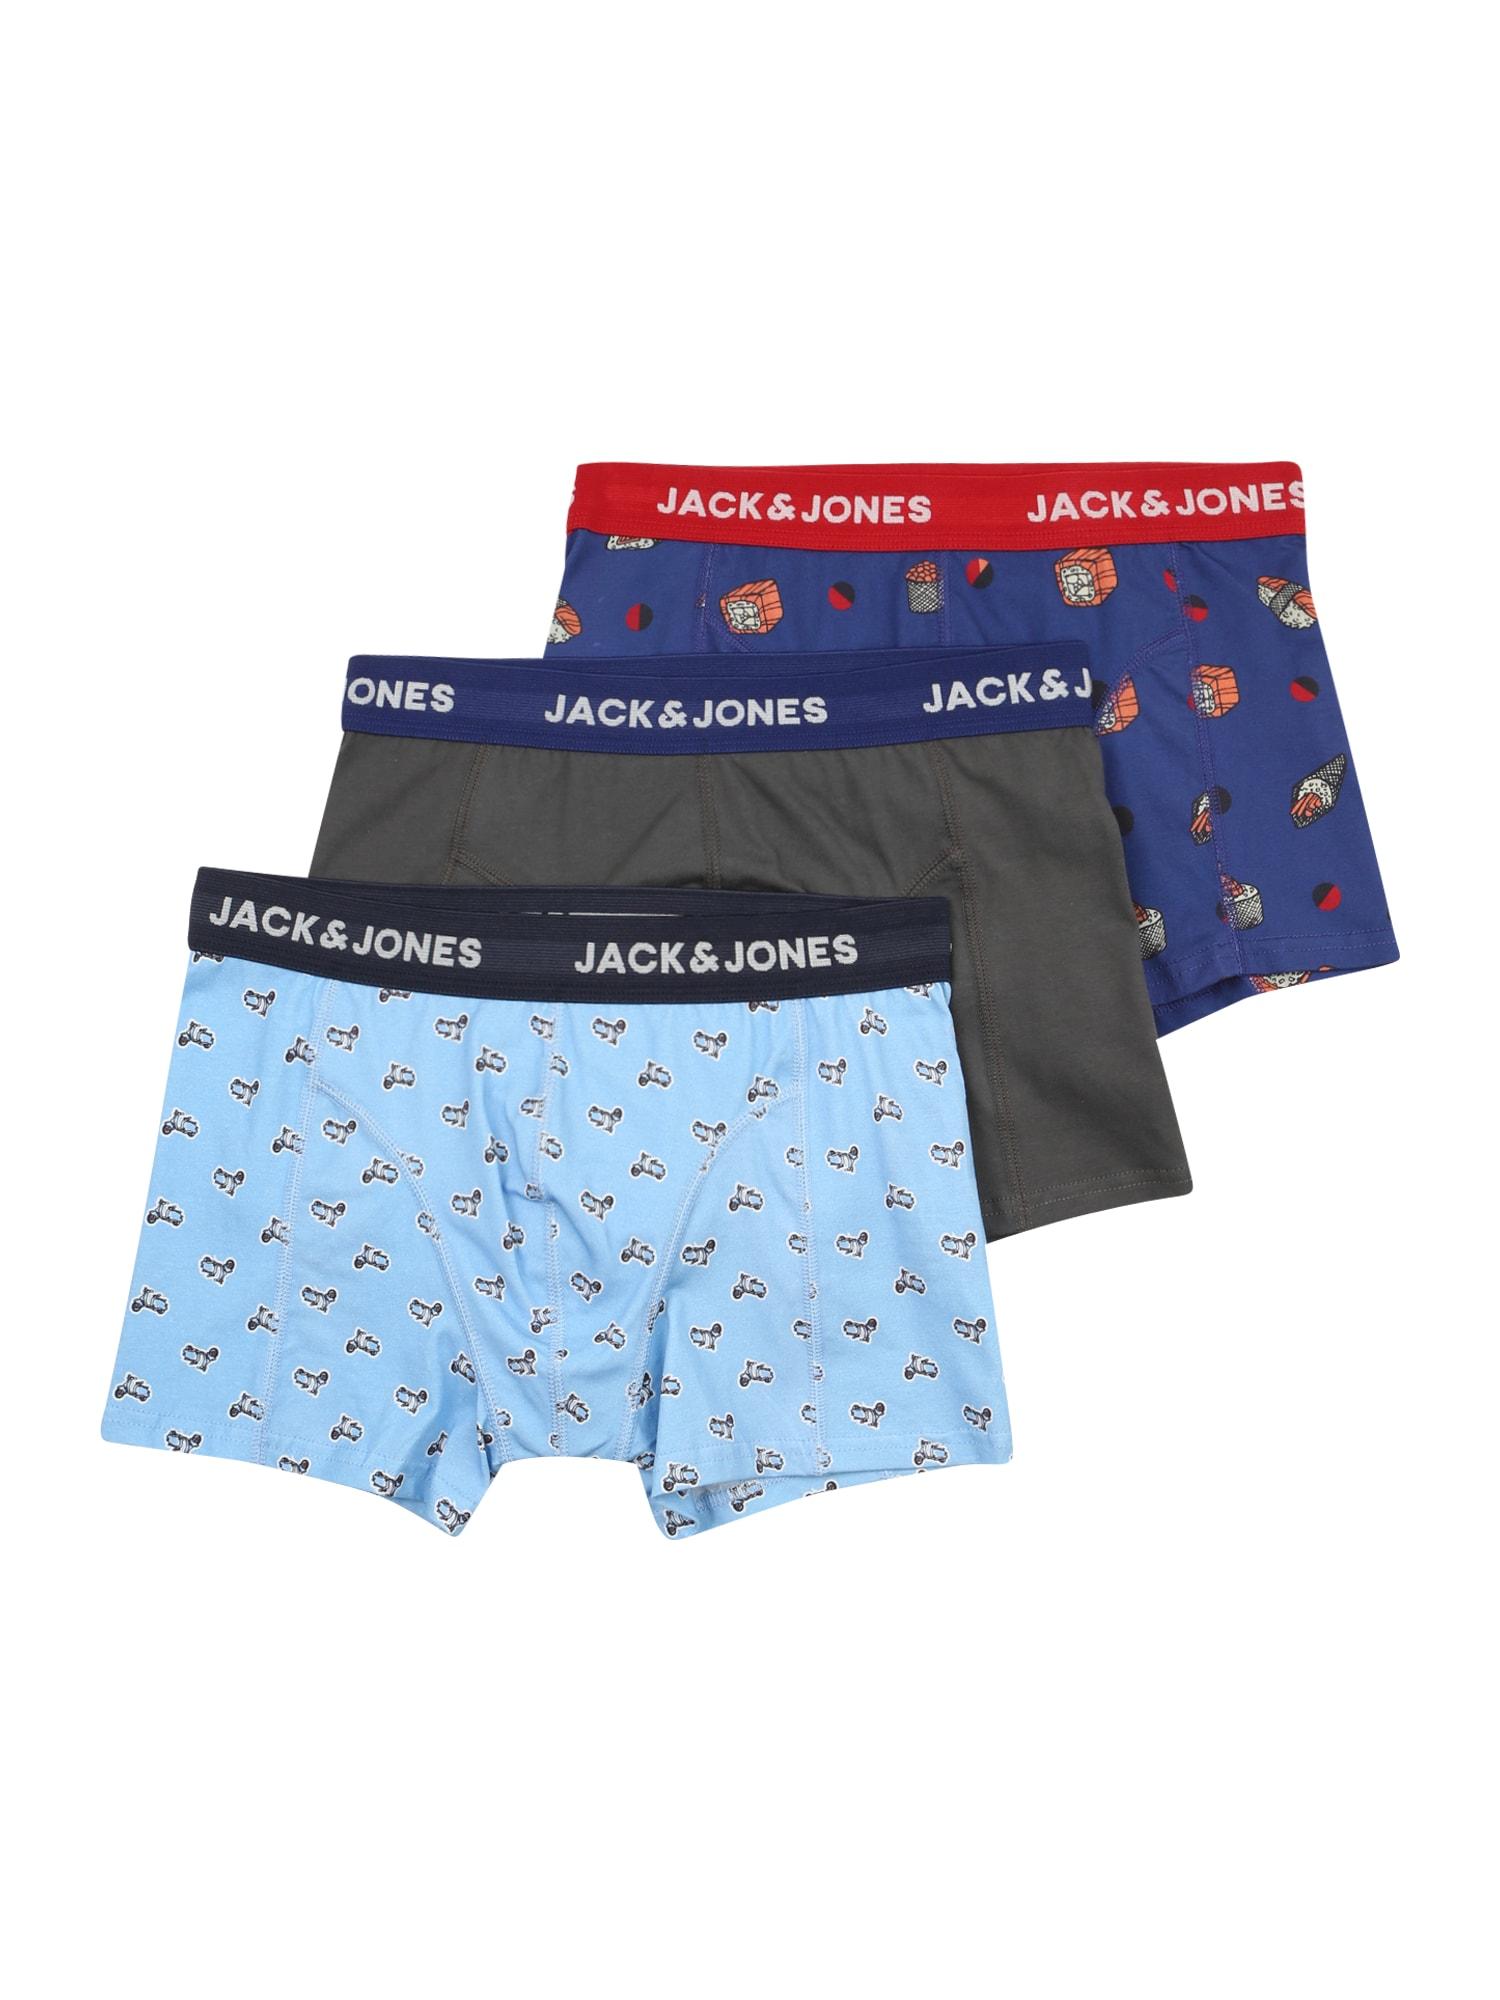 JACK & JONES Boxer trumpikės žolės žalia / šviesiai mėlyna / tamsiai mėlyna jūros spalva / mišrios spalvos